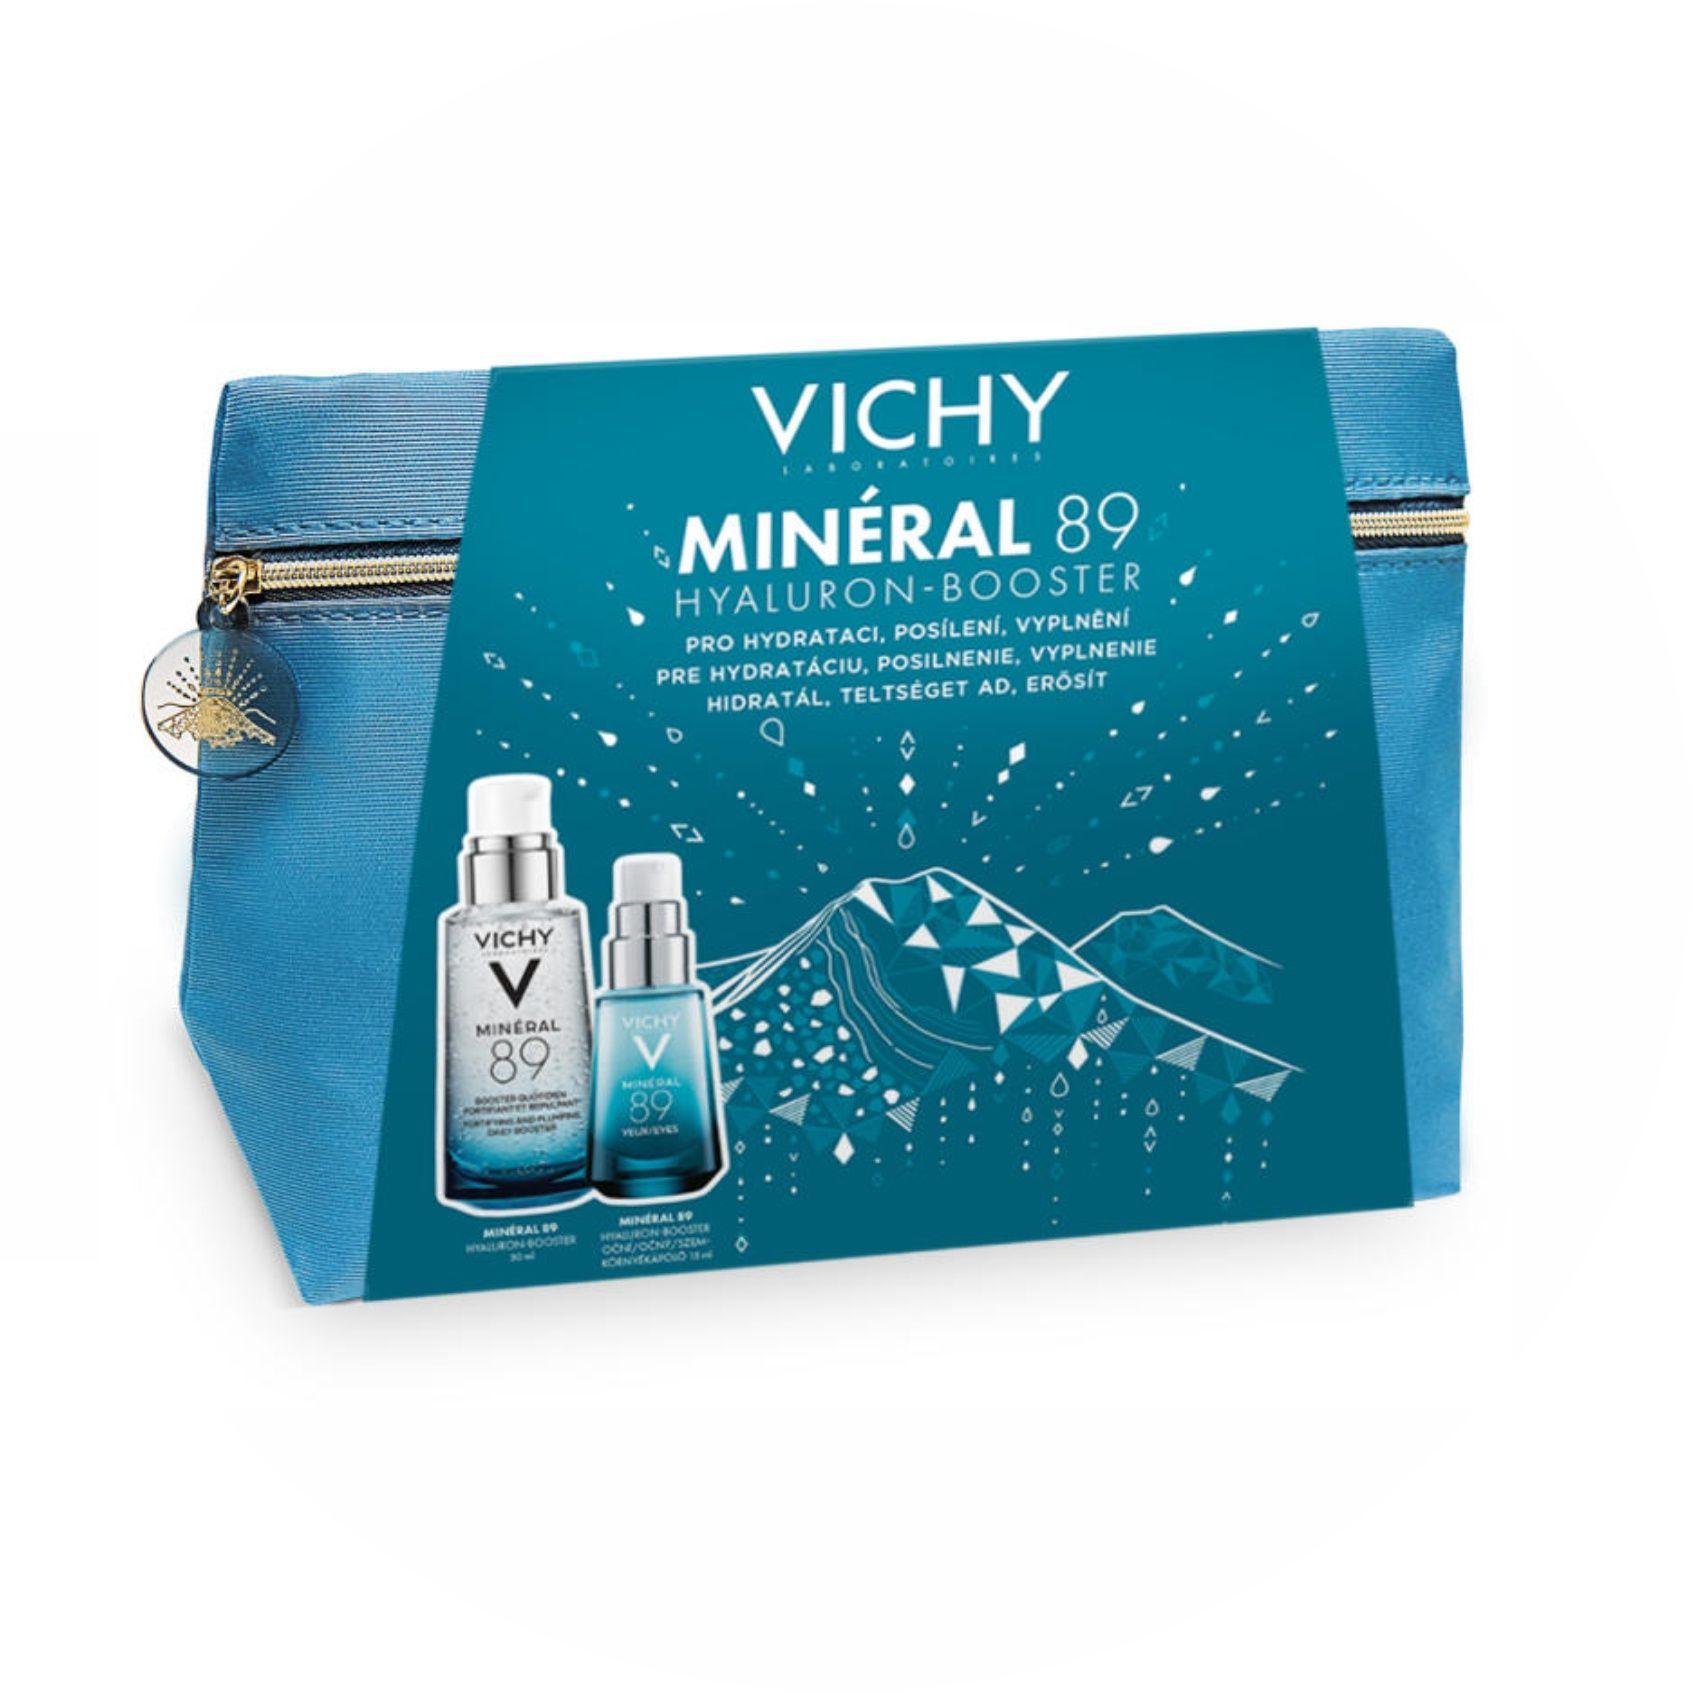 vichy-mineral-89-csomag-2020-xmas__trashed